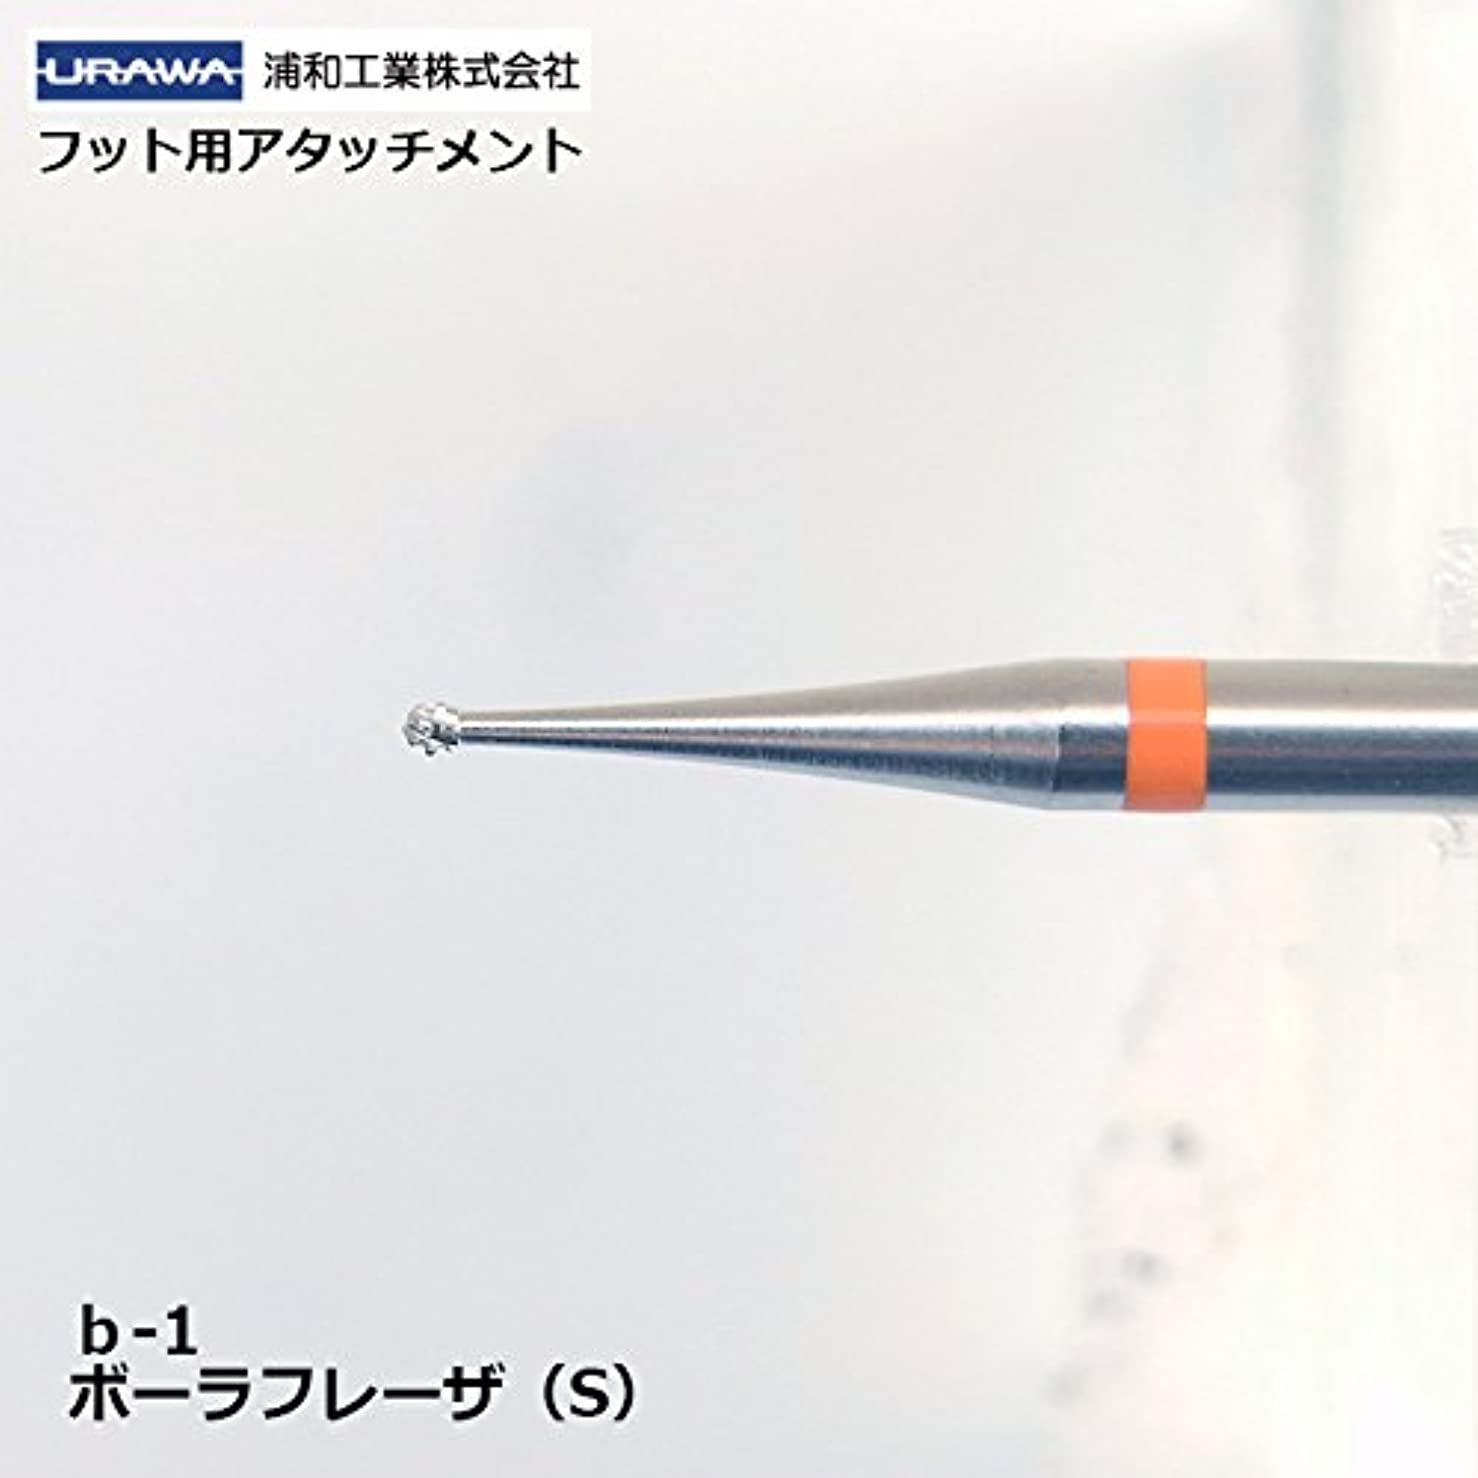 今晩バドミントン政権【URAWA】ボーラフレーザーS(b-1)【フット用アタッチメント】